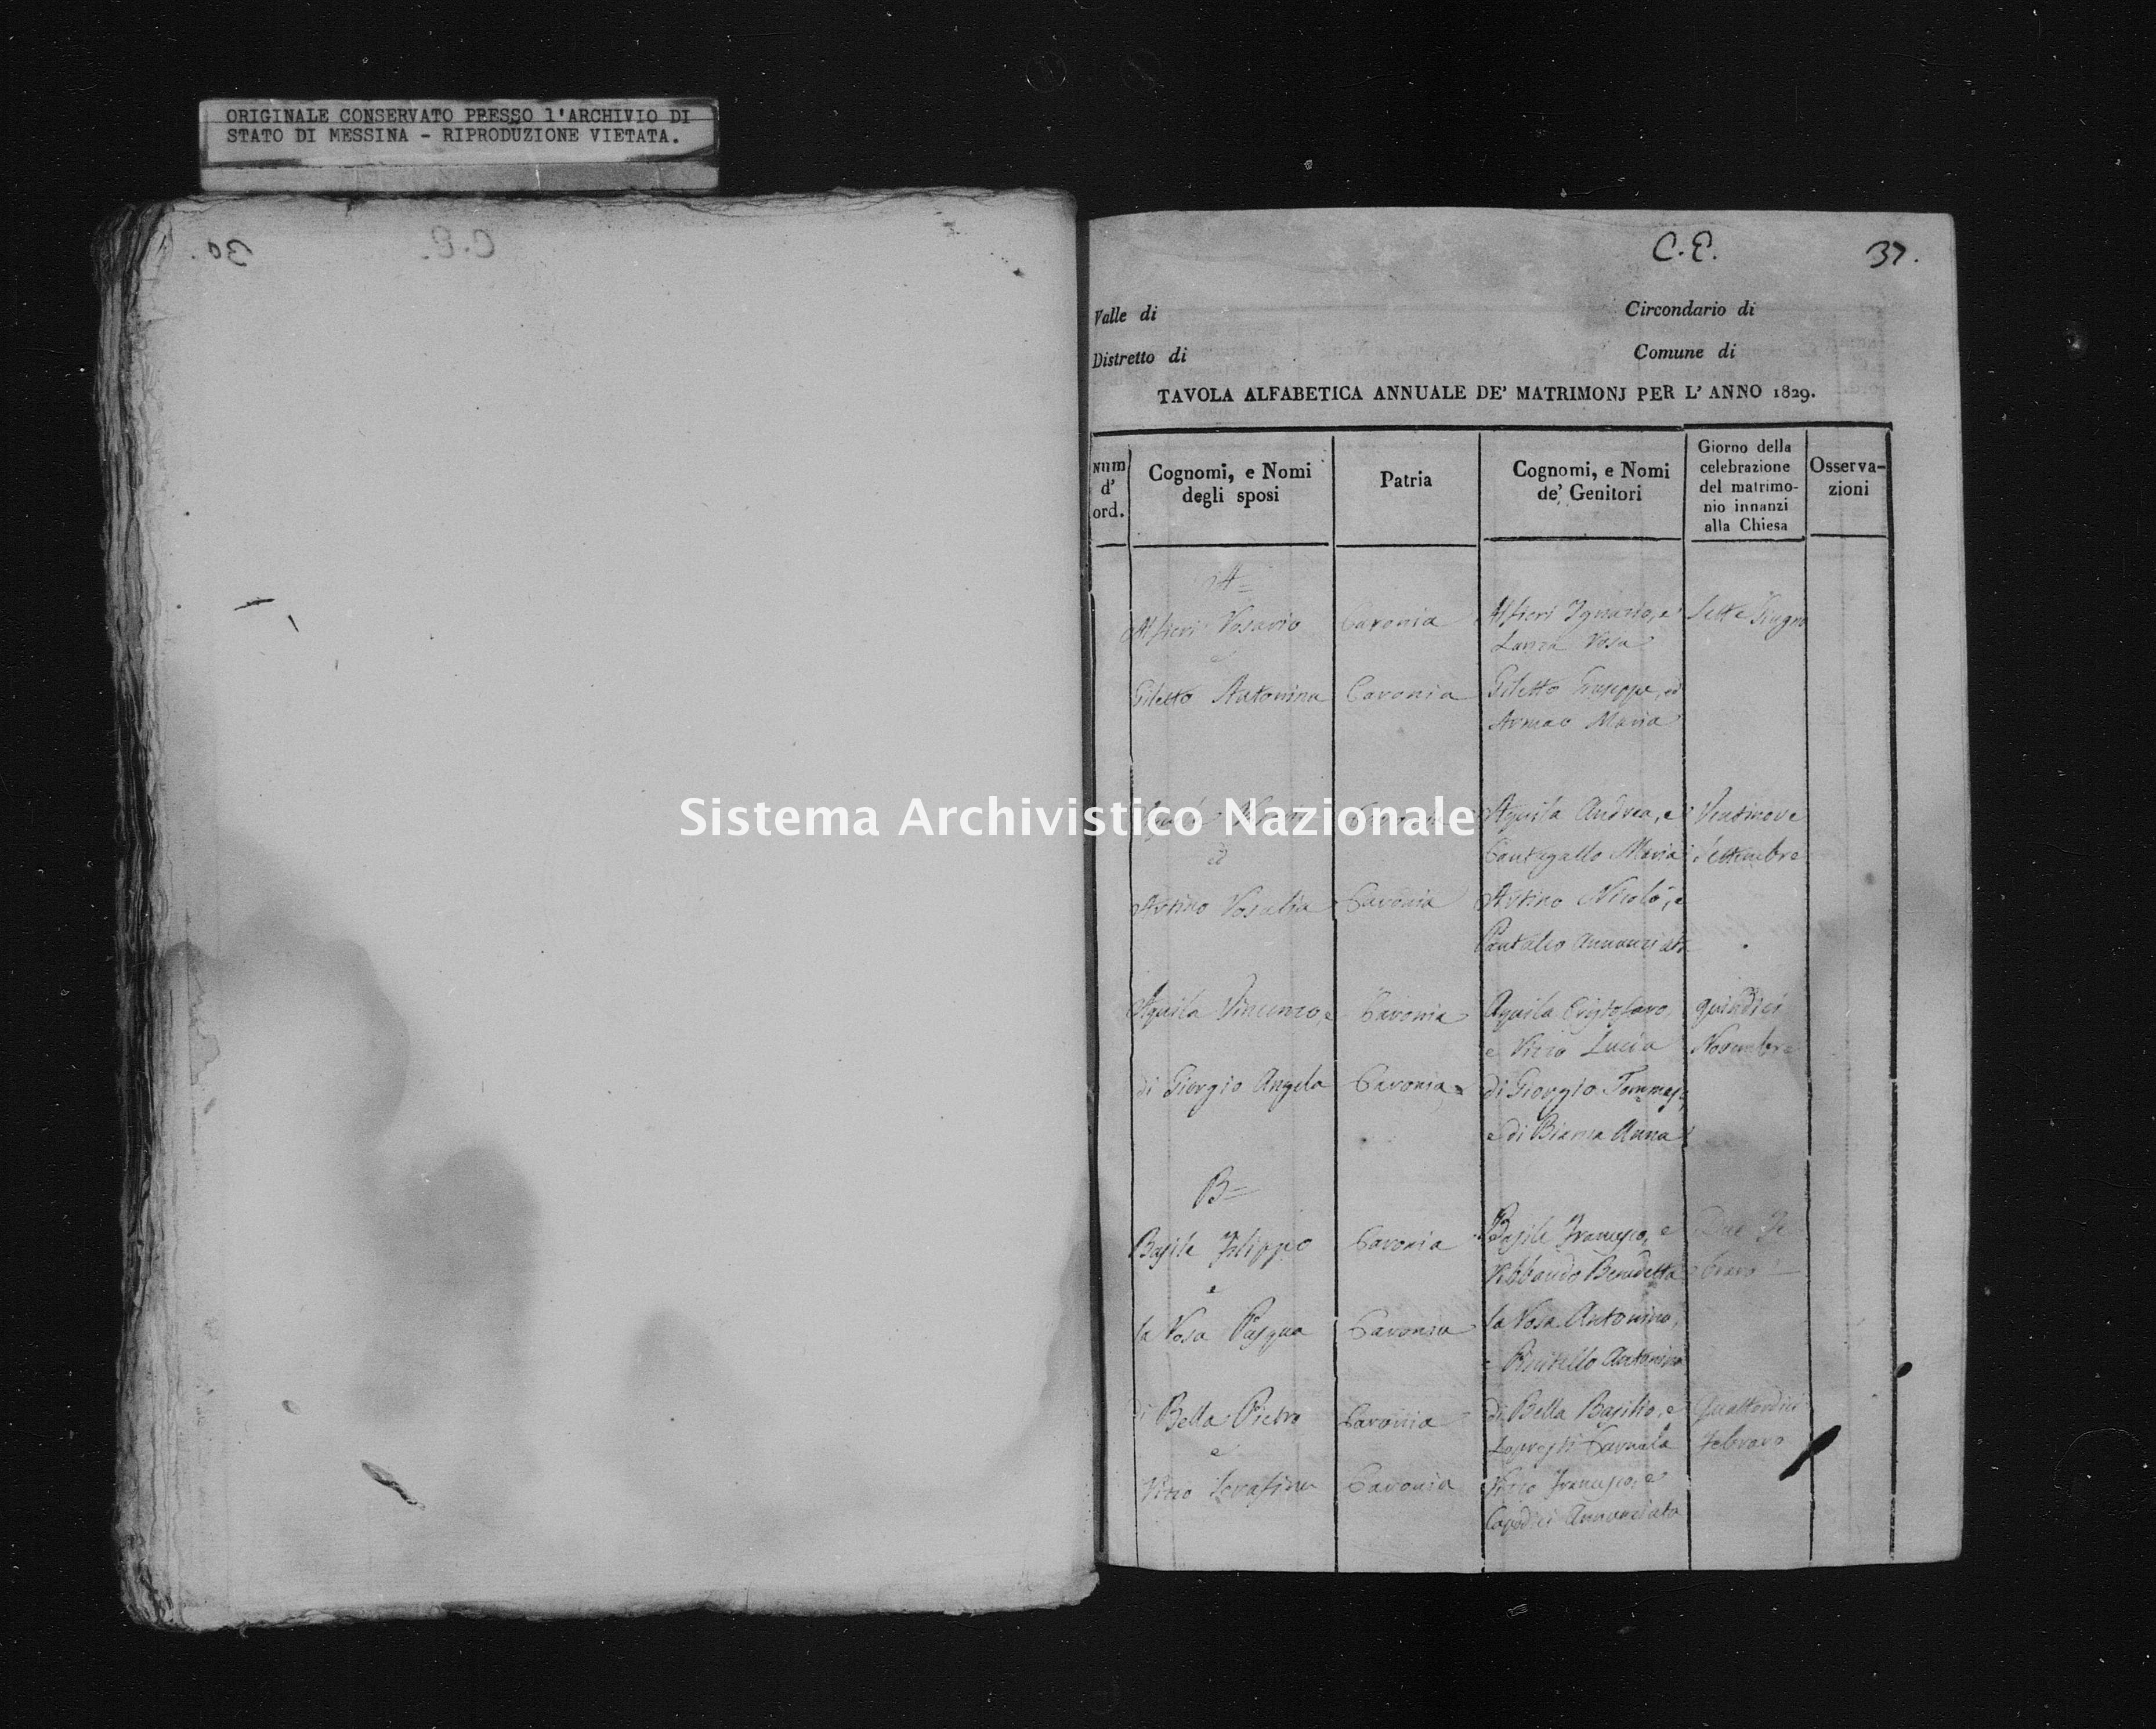 Archivio di stato di Messina - Stato civile italiano - Caronia - Matrimoni, indice - 1829 - 201 -